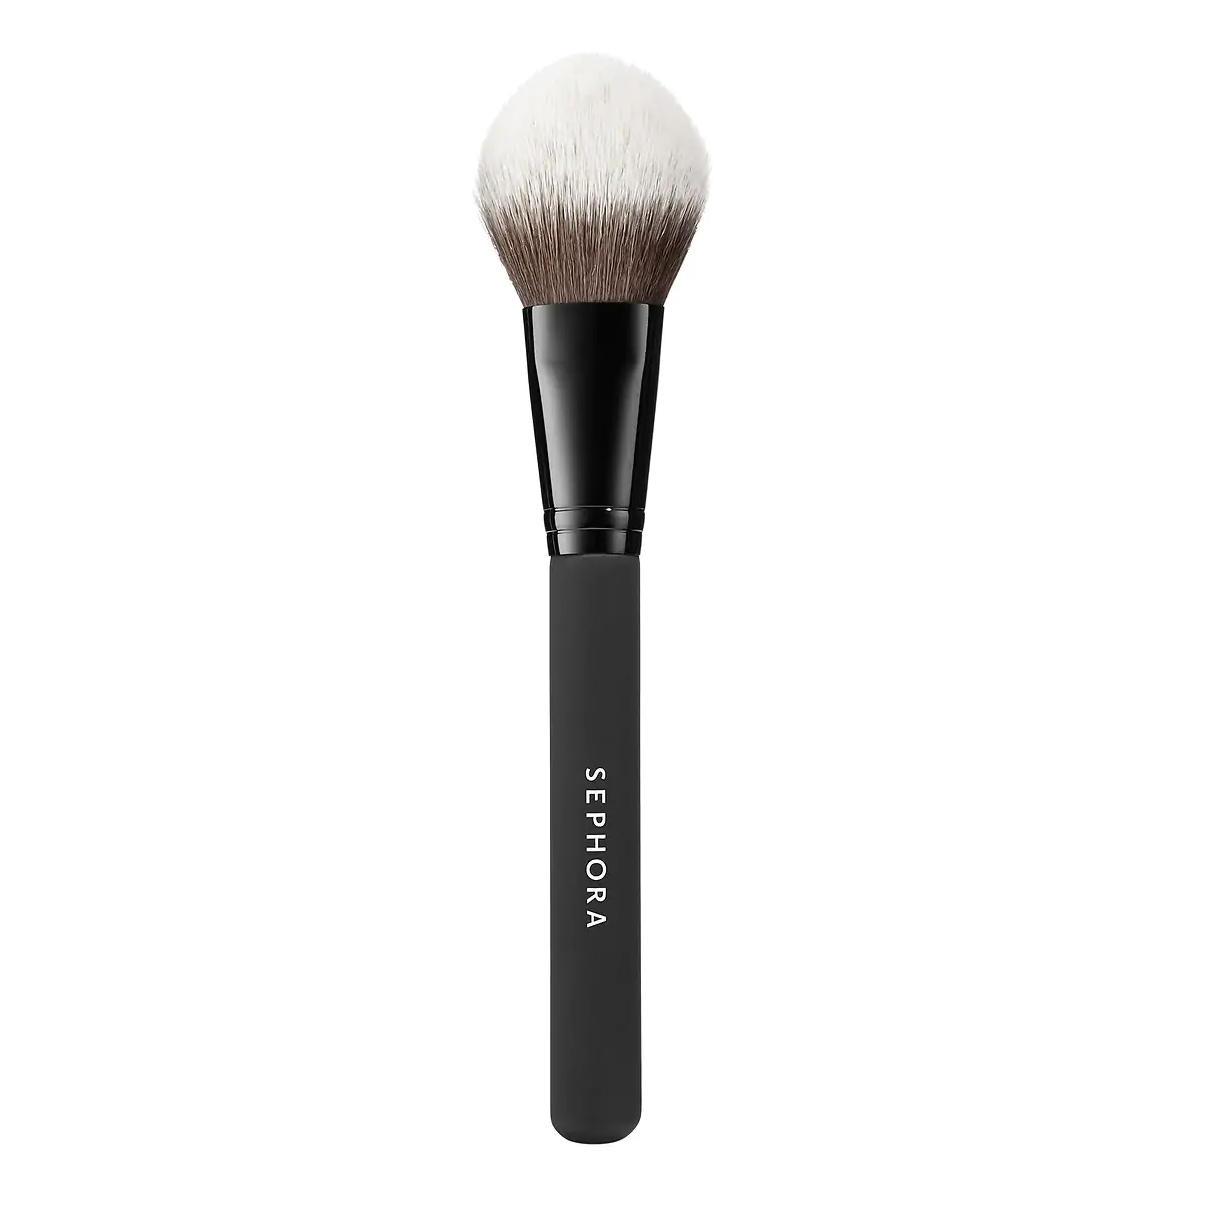 Sephora Ready To Roll Powder Brush